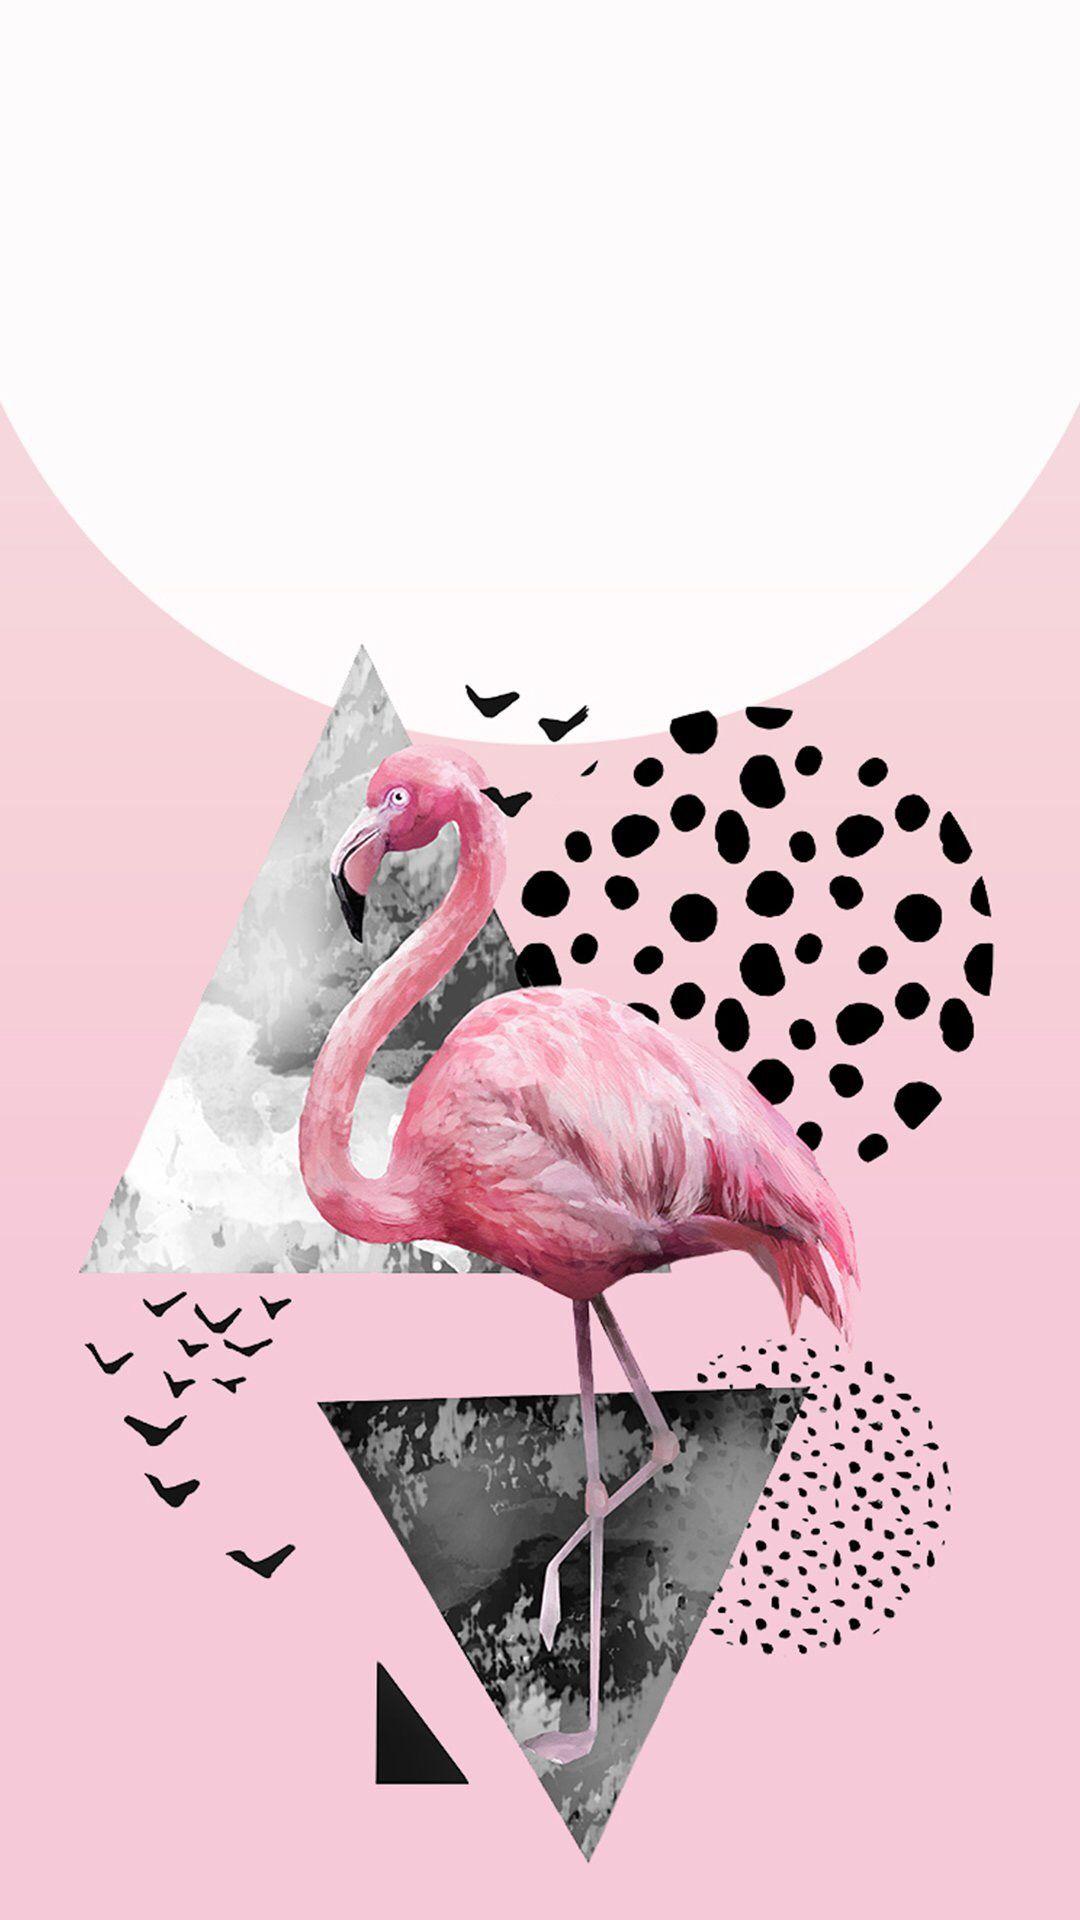 Wallpaper Iphone Papel De Parede Flamingo Fotos Tumblr Com